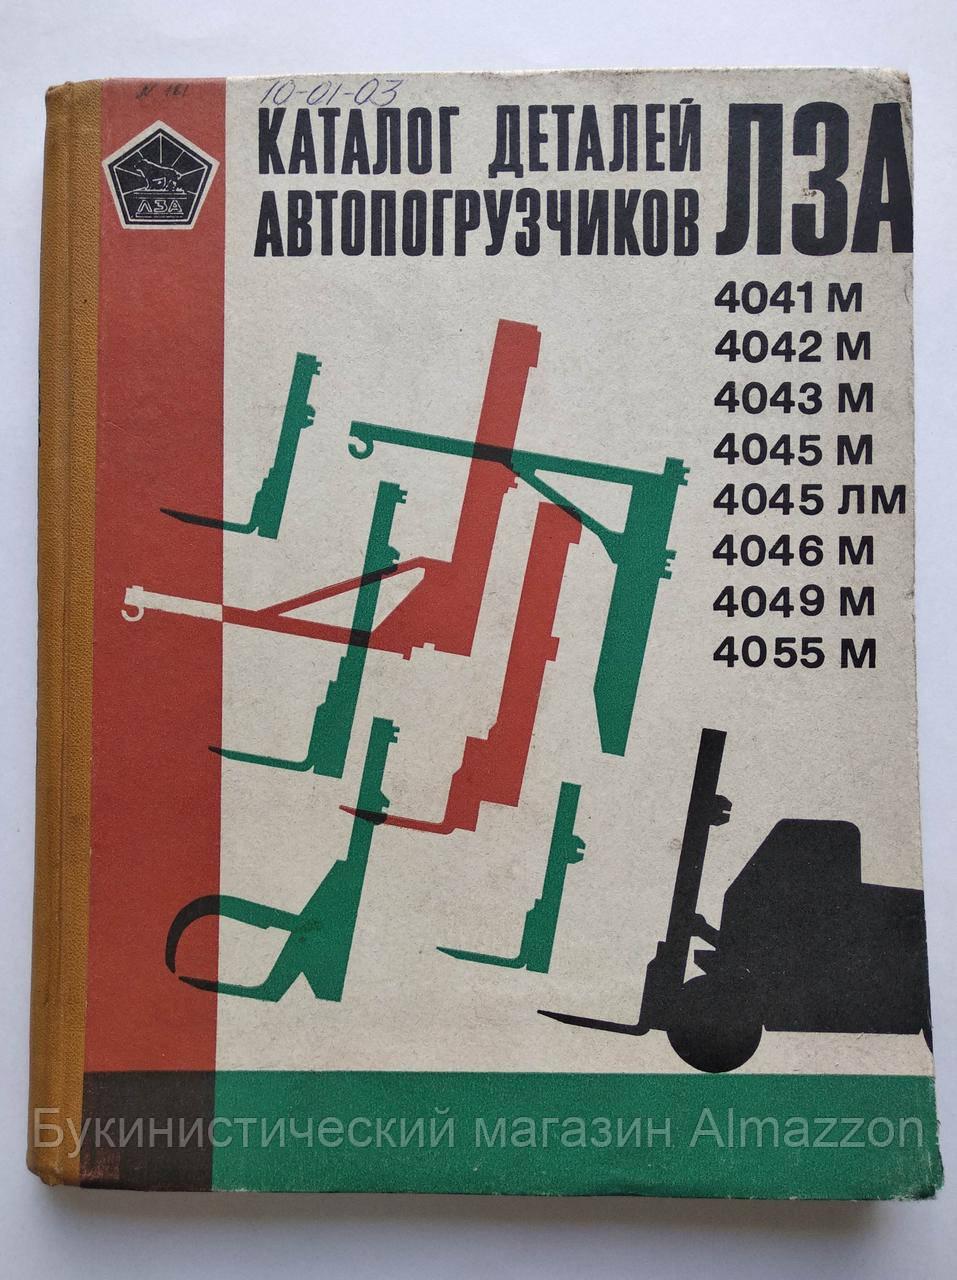 Каталог деталей автопогрузчиков ЛЗА: 4041 М, 4042 М, 4043 М, 4045 М, 4045 ЛМ, 4046 М, 4049 М, 4055 М